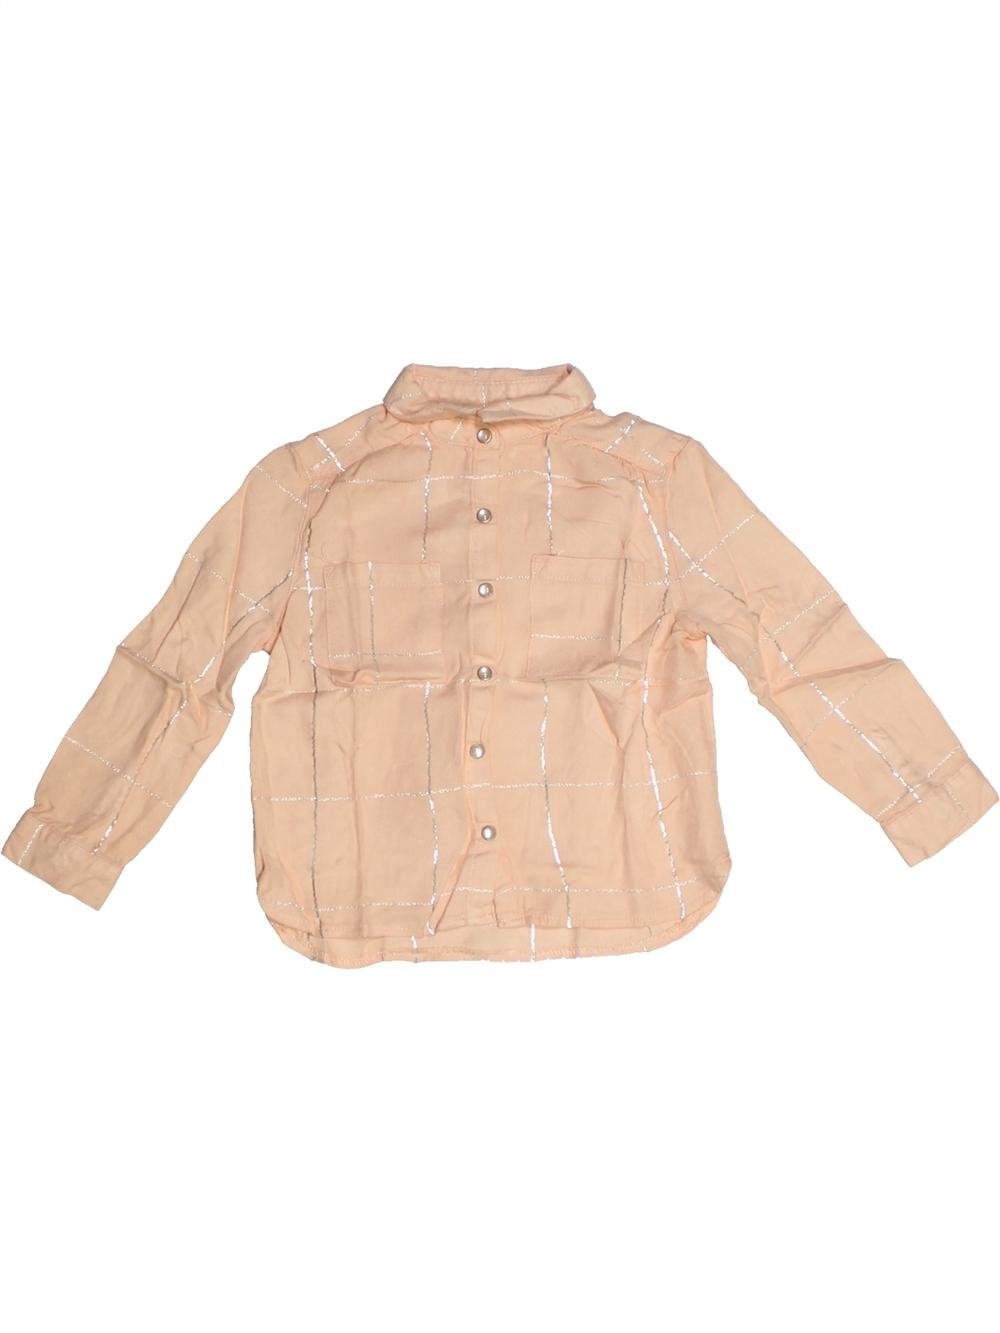 Blouse-manches-longues-enfant-fille-KIABI-4-ans-beige-hiver-vetement-bebe